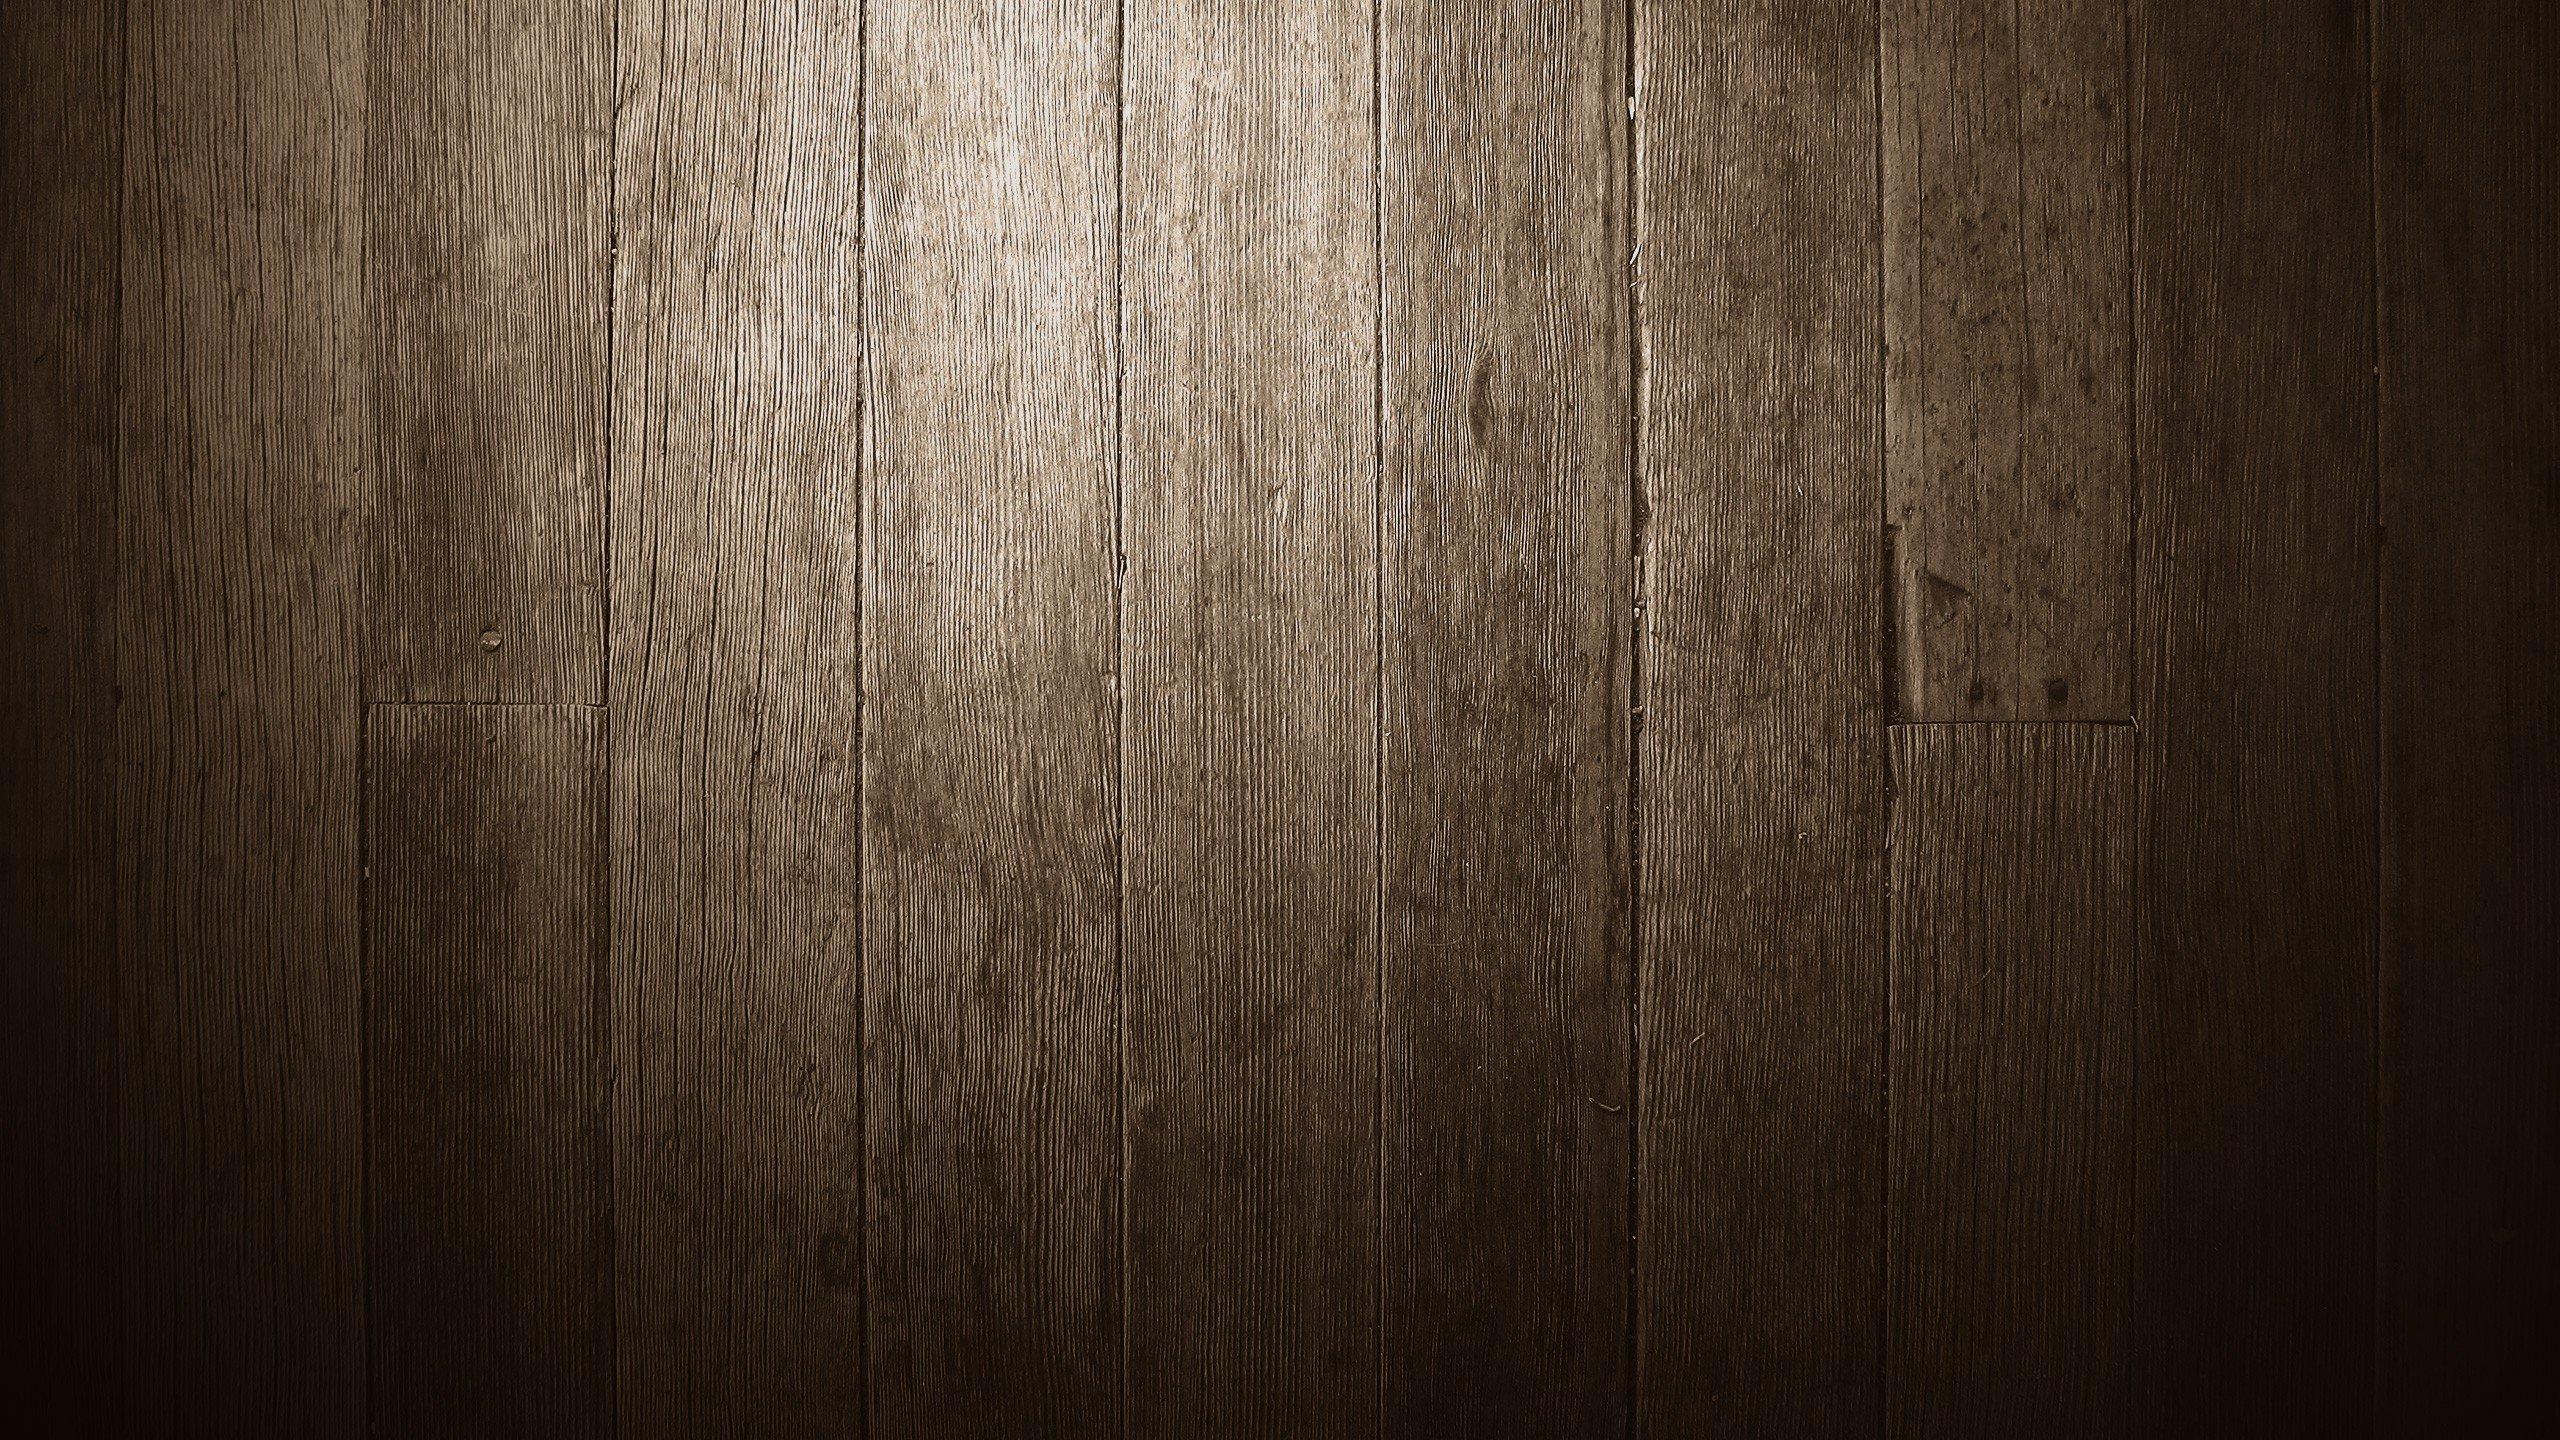 Hd Wood Grain Wallpapers Wallpapersafari